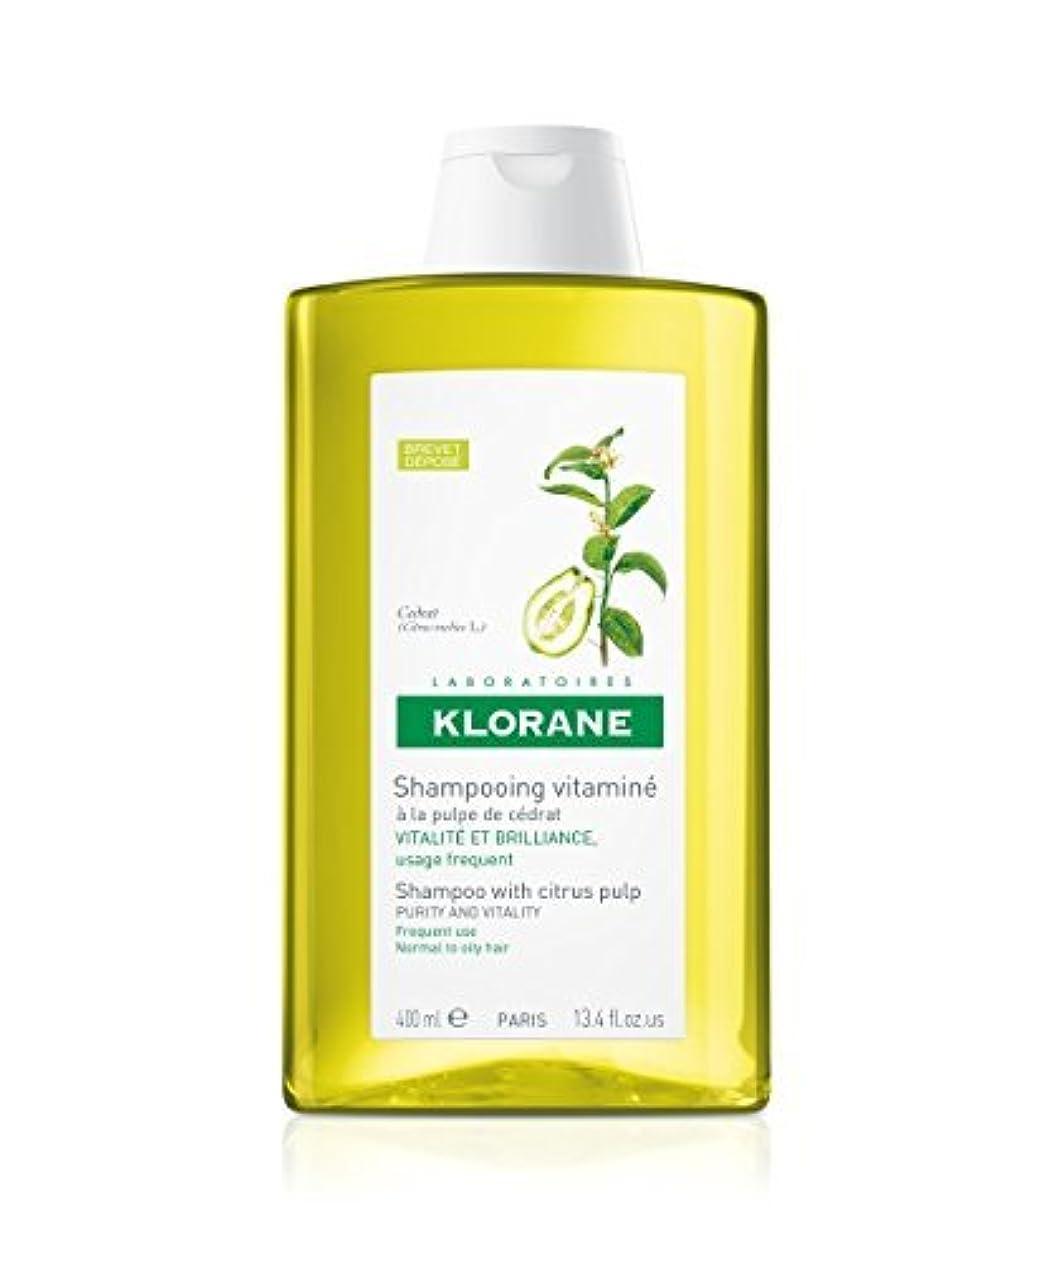 同志天文学毒性Shampoo with Citrus Pulp, 13.4 oz by Klorane [並行輸入品]